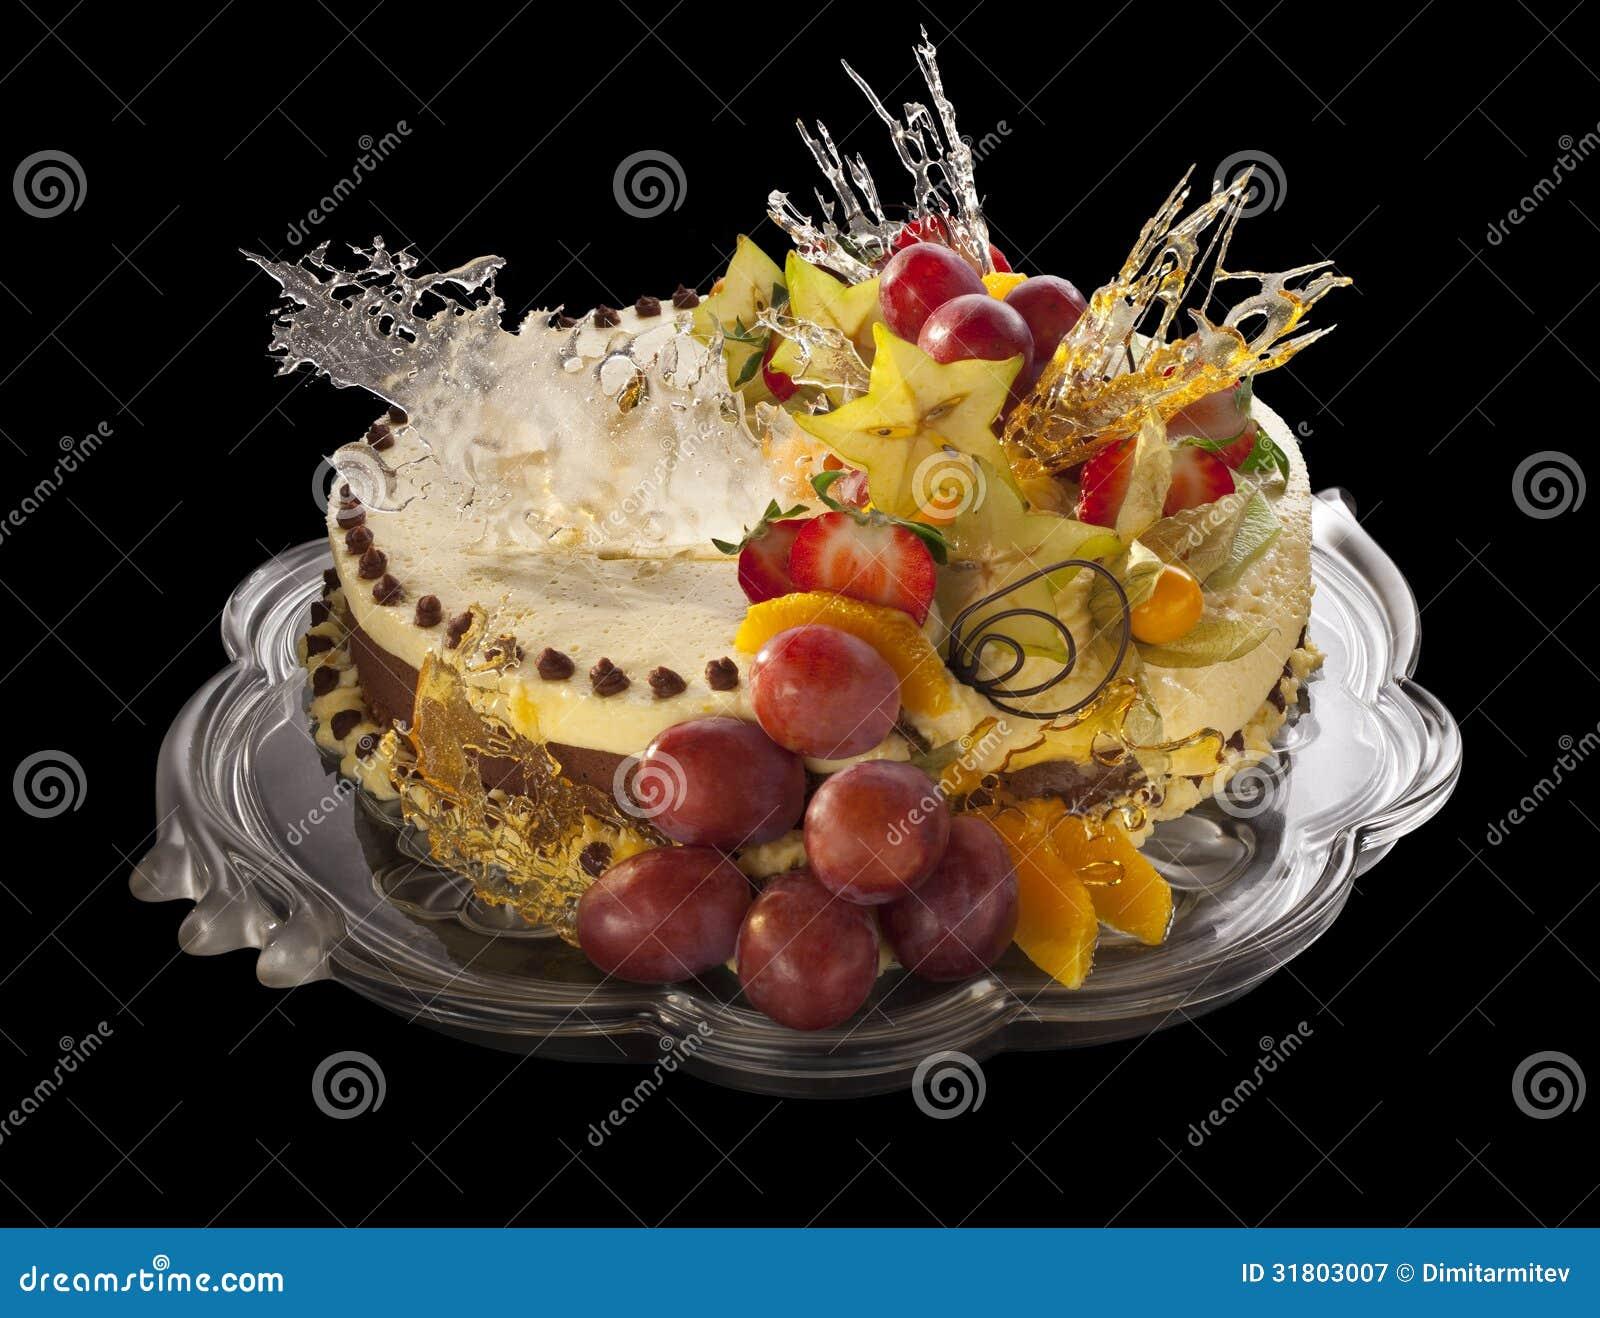 Gateau De Mousse Decore Des Fruits Photographie stock ...